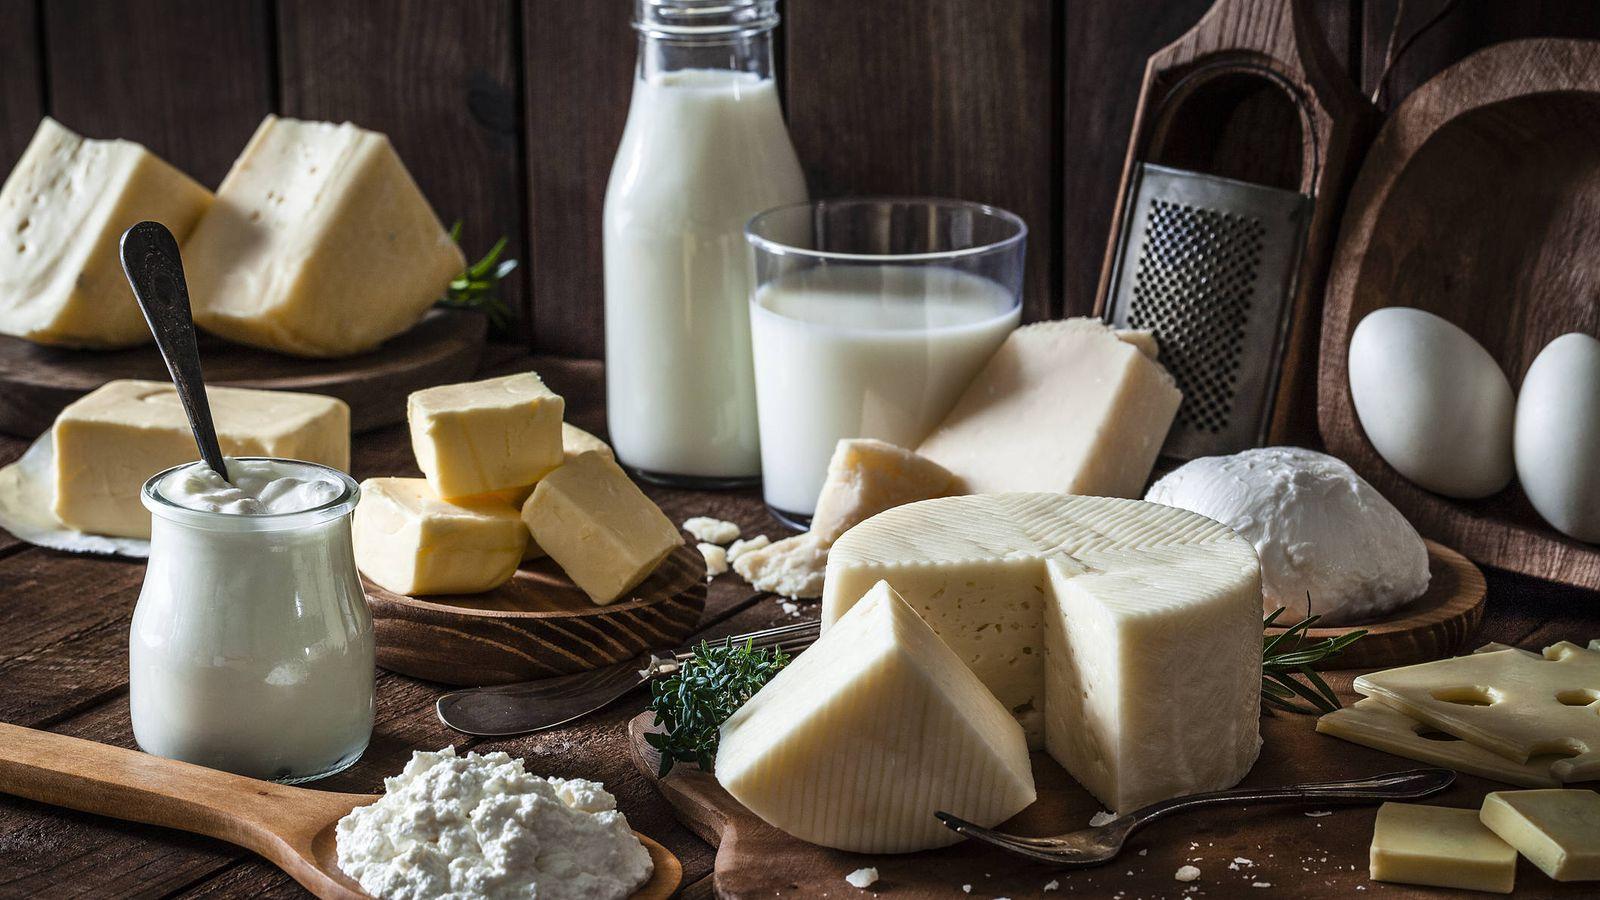 Foto: Los lácteos son productos a evitar si se padece acné. (iStock)